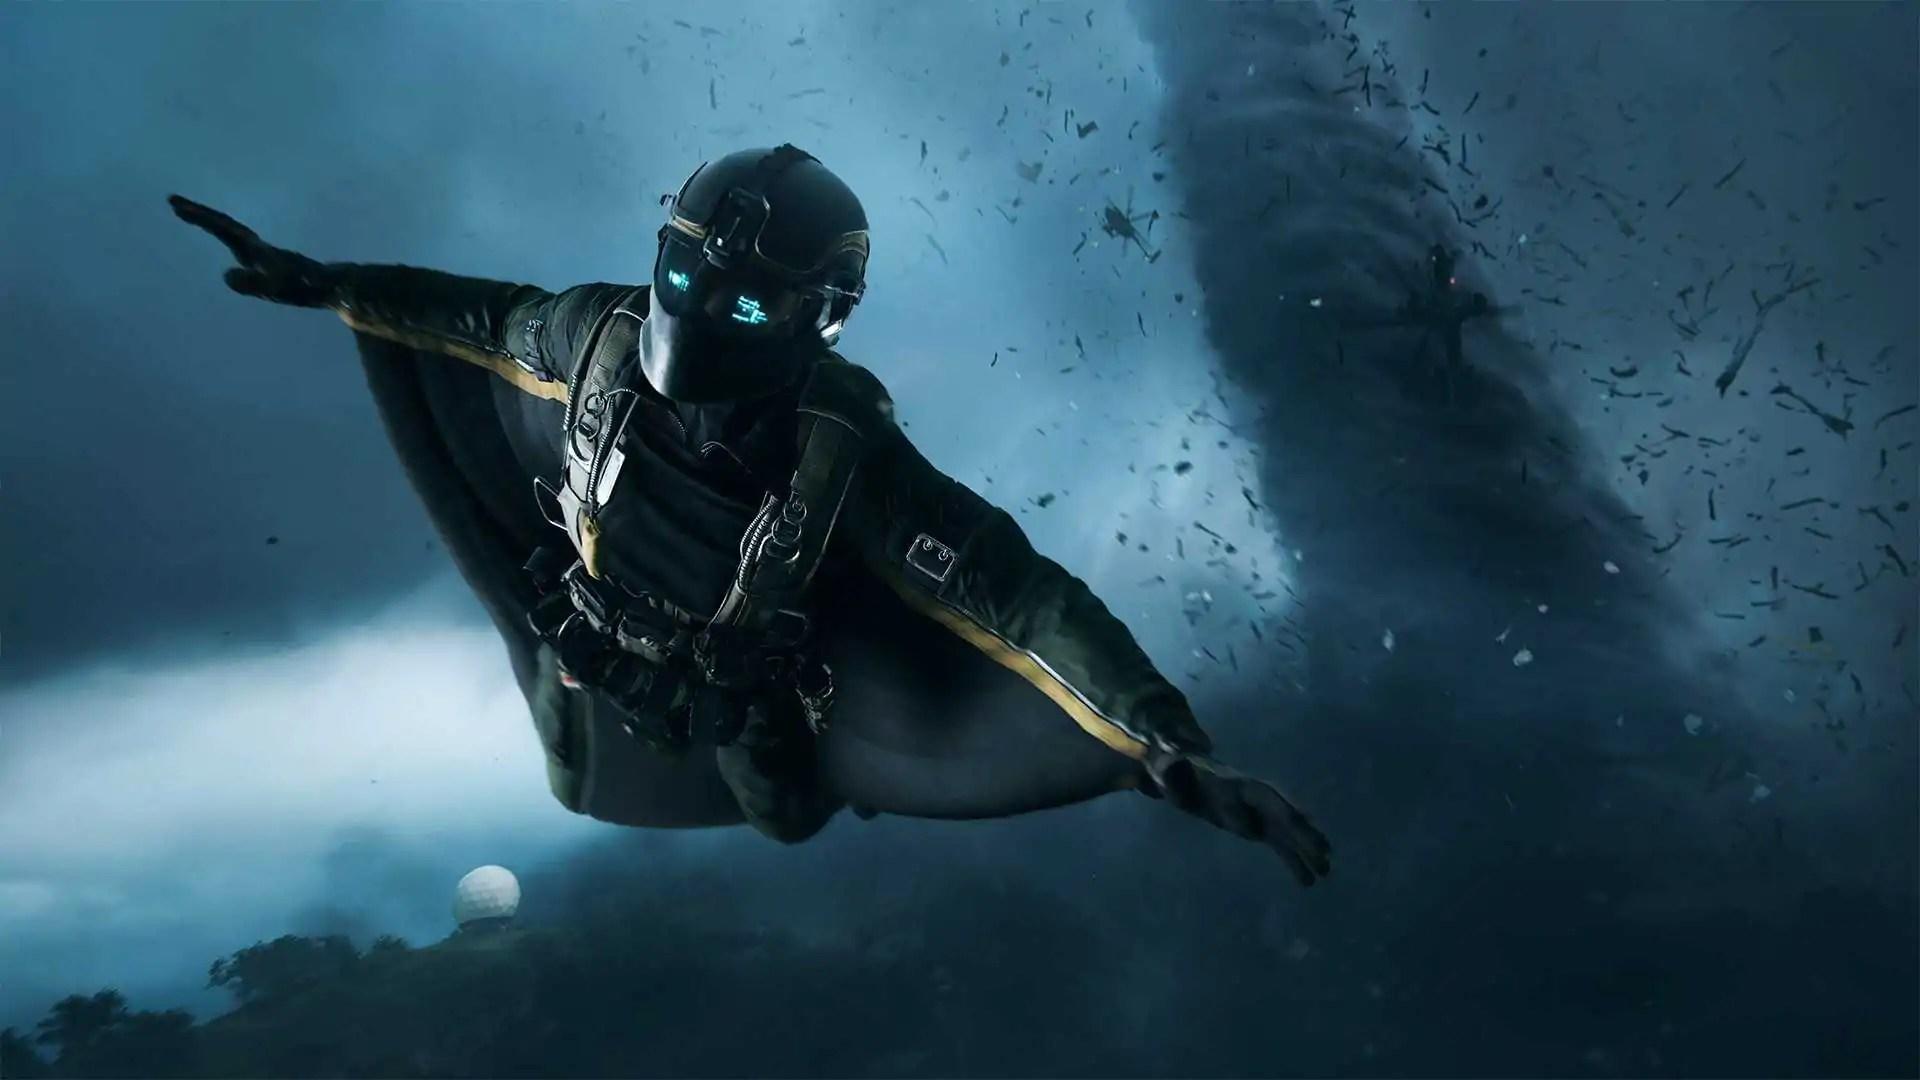 Oficial   Confira o trailer de revelação de Battlefield 2042 Battlefield 6